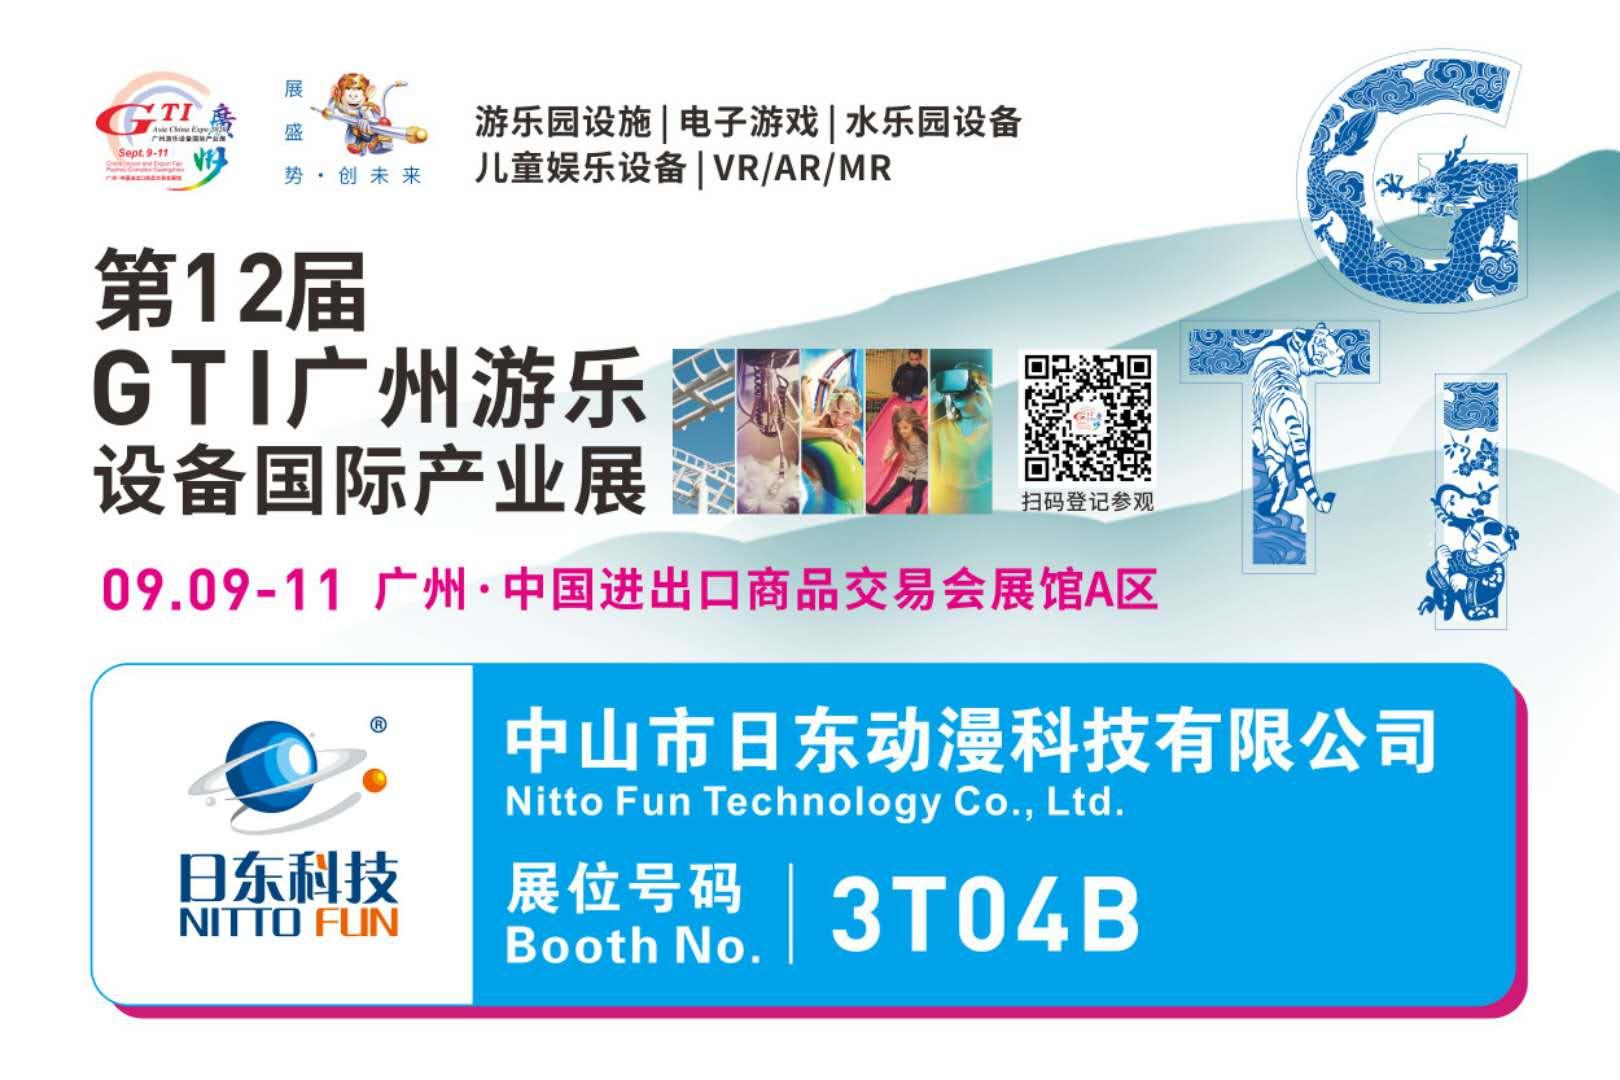 日东科技邀您参观9月9日广州GTI展